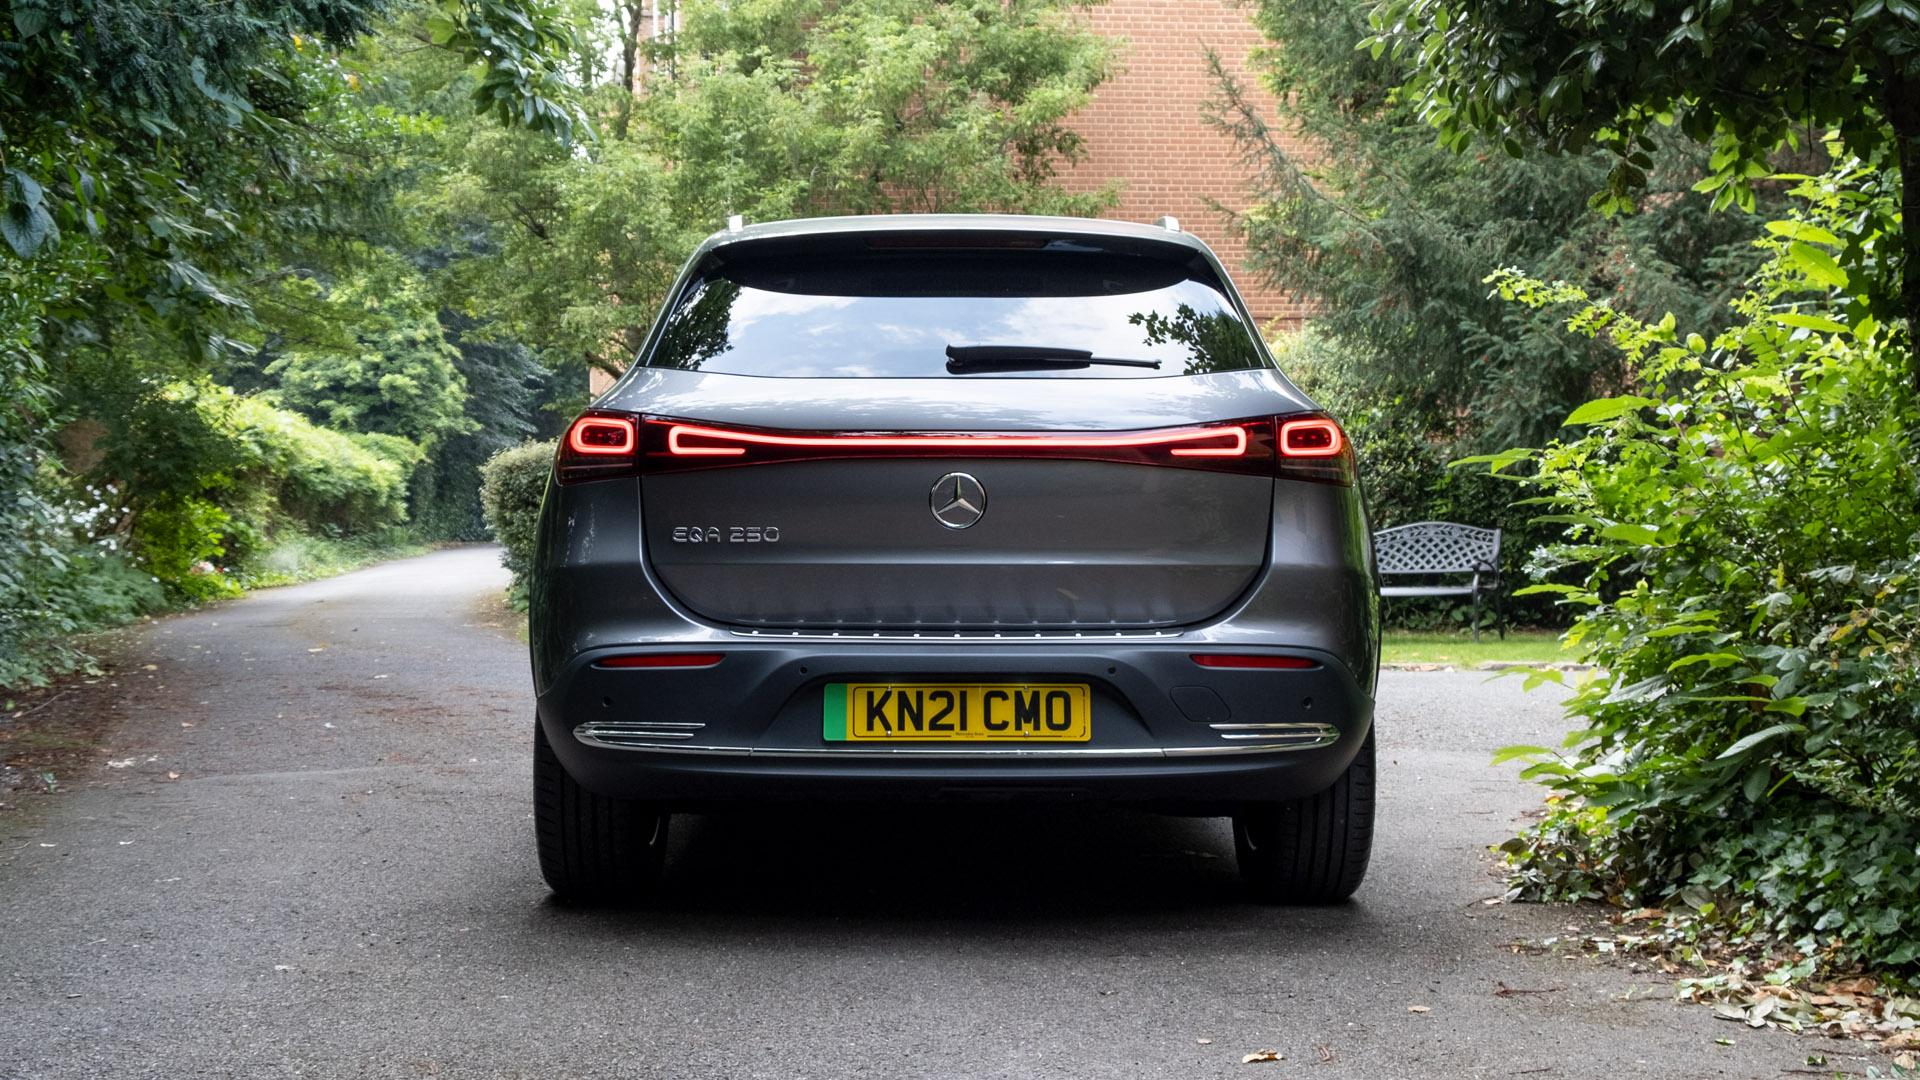 Mercedes EQA rear look